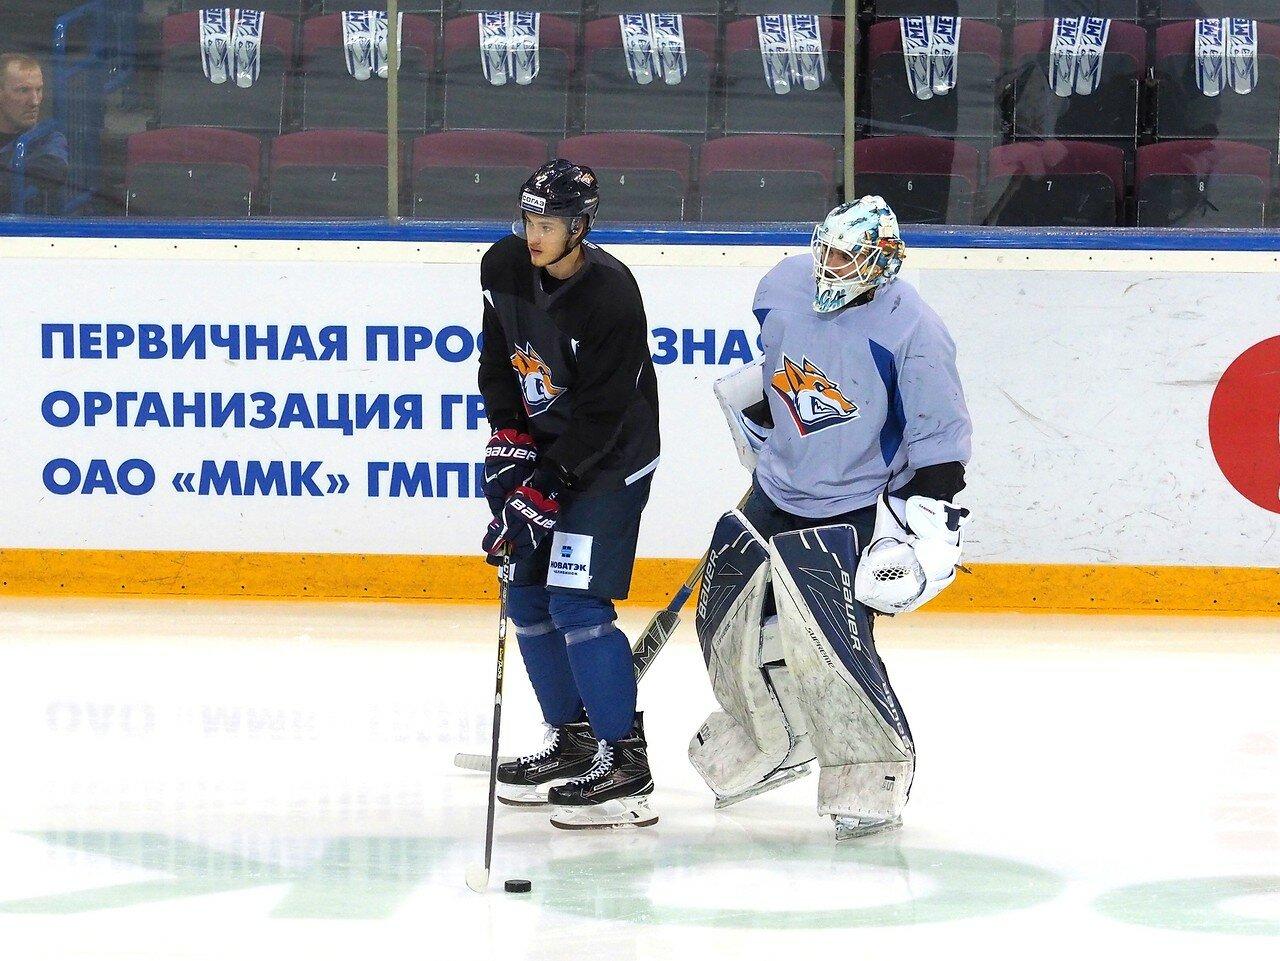 3 Открытая тренировка перед финалом плей-офф КХЛ 2017 06.04.2017